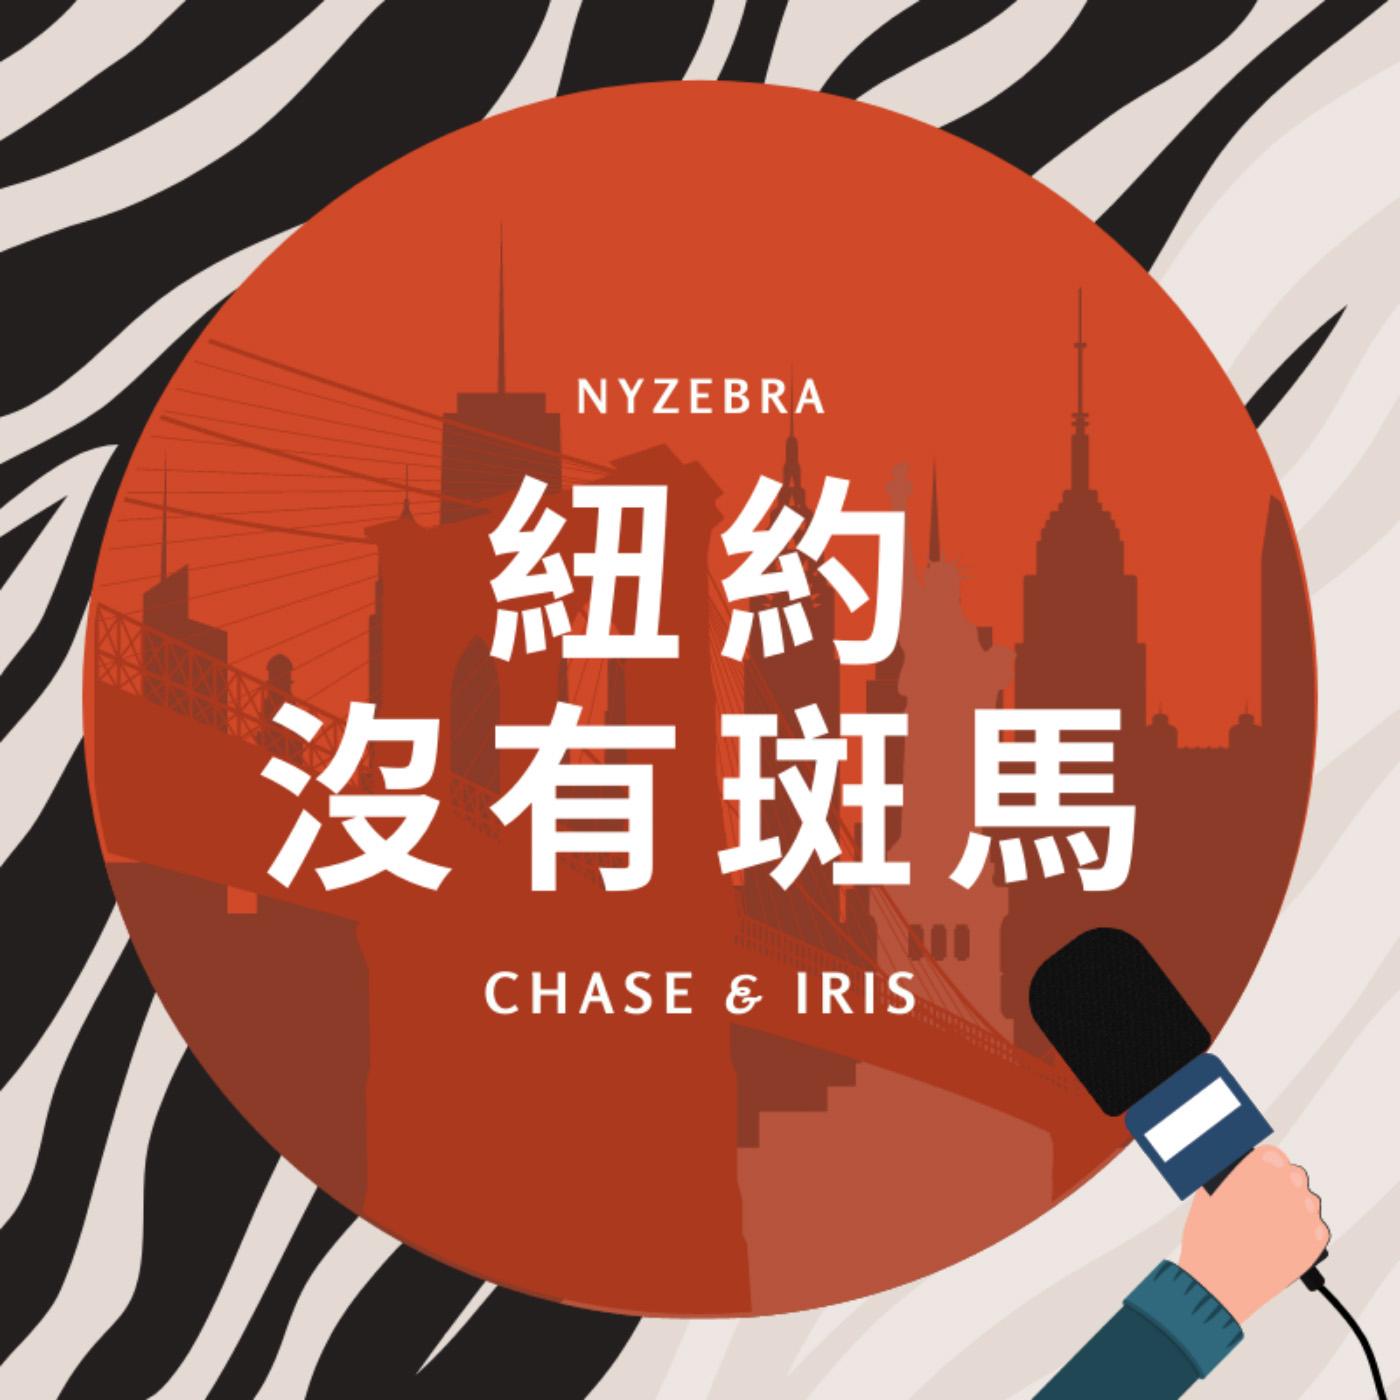 第 31 集|台灣有錢人住哪?聰明會遺傳?窺視人性的可怕實驗、謊言的正面影響